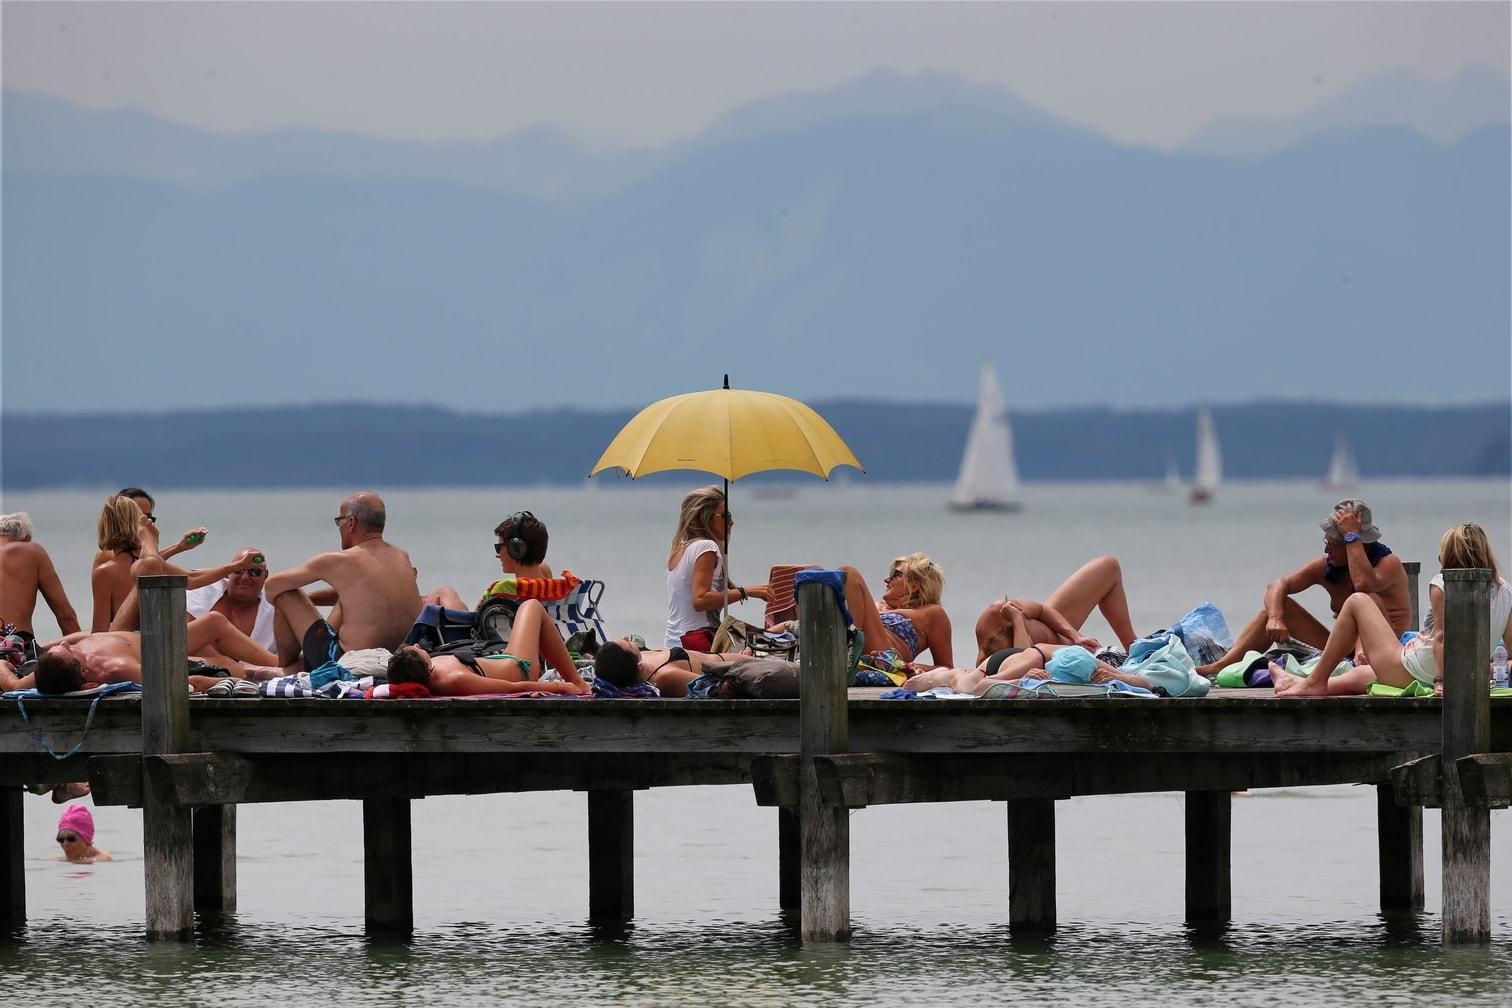 <p>Zahlreiche Badegäste liegen auf einem Steg am Starnberger See. Sonne und Temperaturen von knapp 30 Grad Celsius locken die Menschen an.</p> Foto: dpa